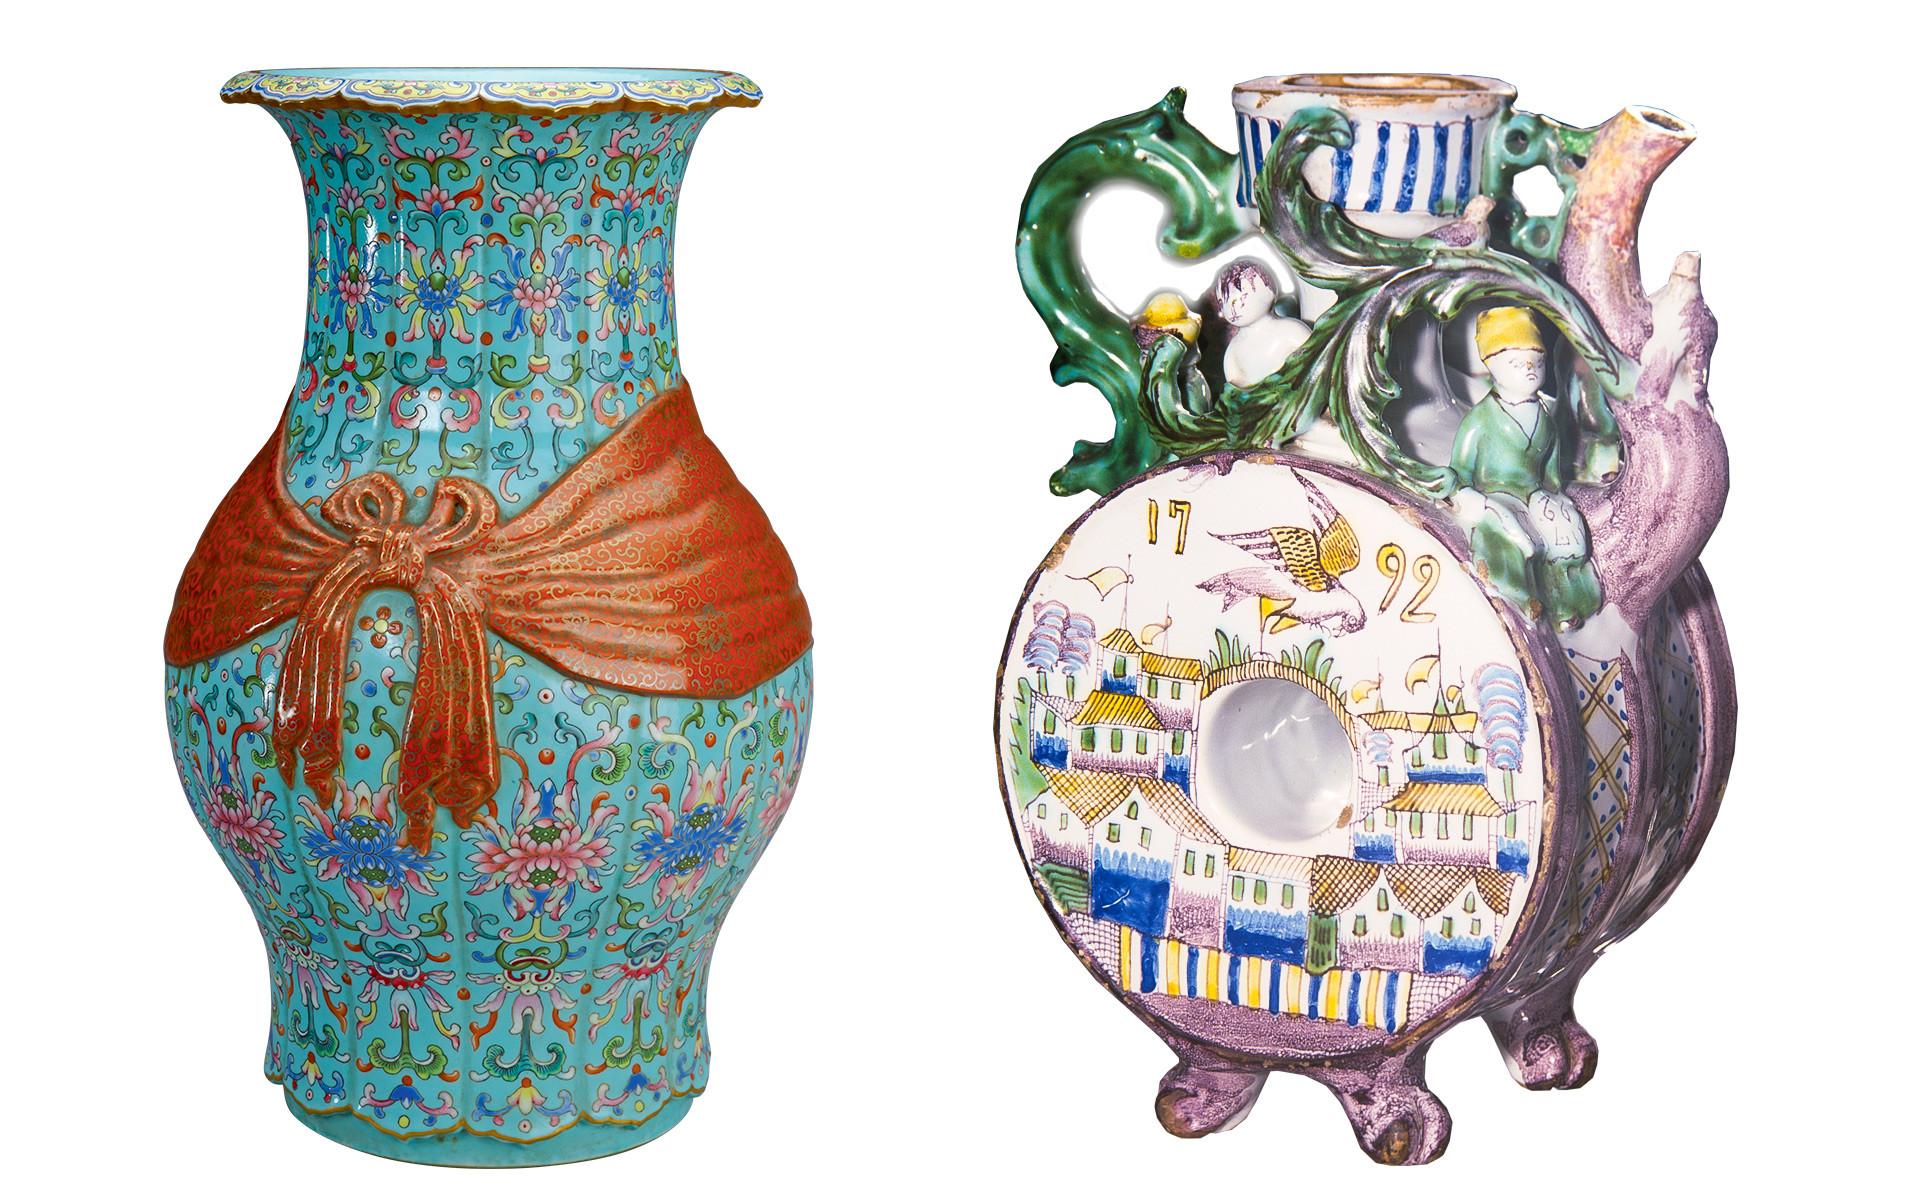 Слева: Ваза баофу. Эпоха Цин, правление Цяньлун (1736–1796). Справа: Кувшин. Майолика, XVIII век.